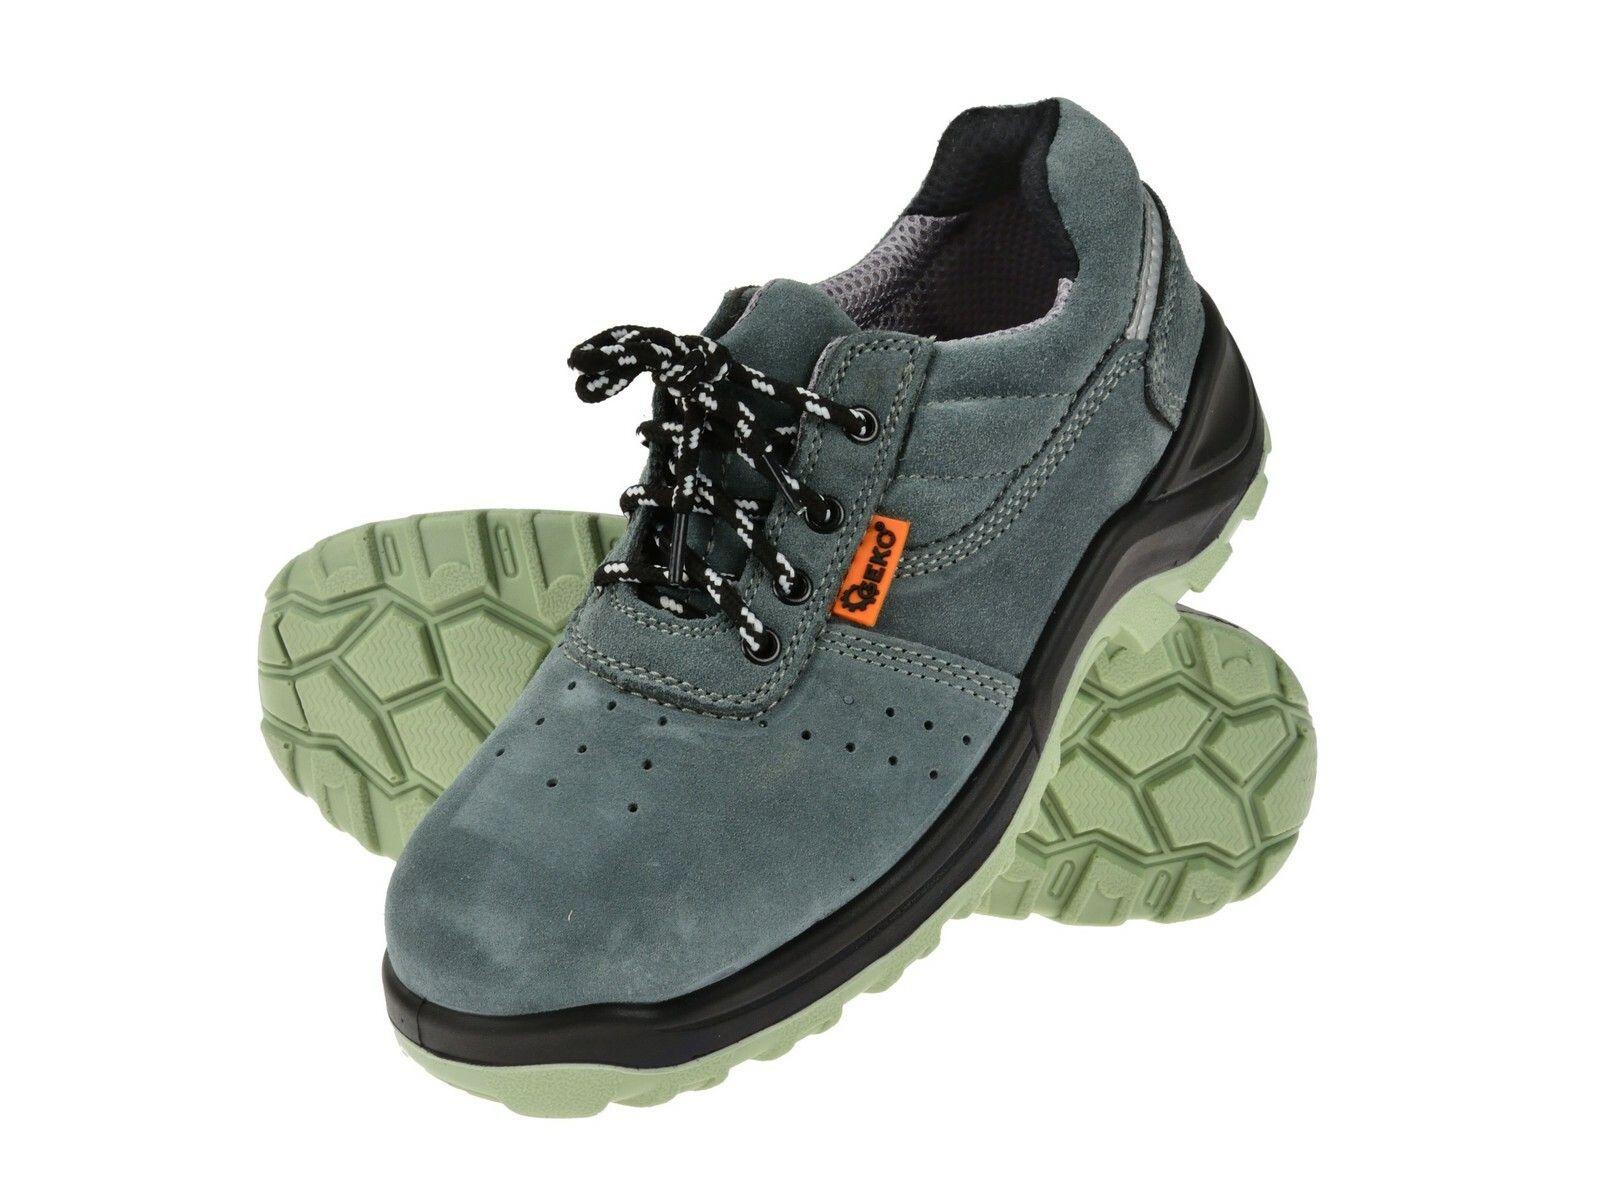 Ochranné pracovní boty semišové model č.4 vel.39 GEKO